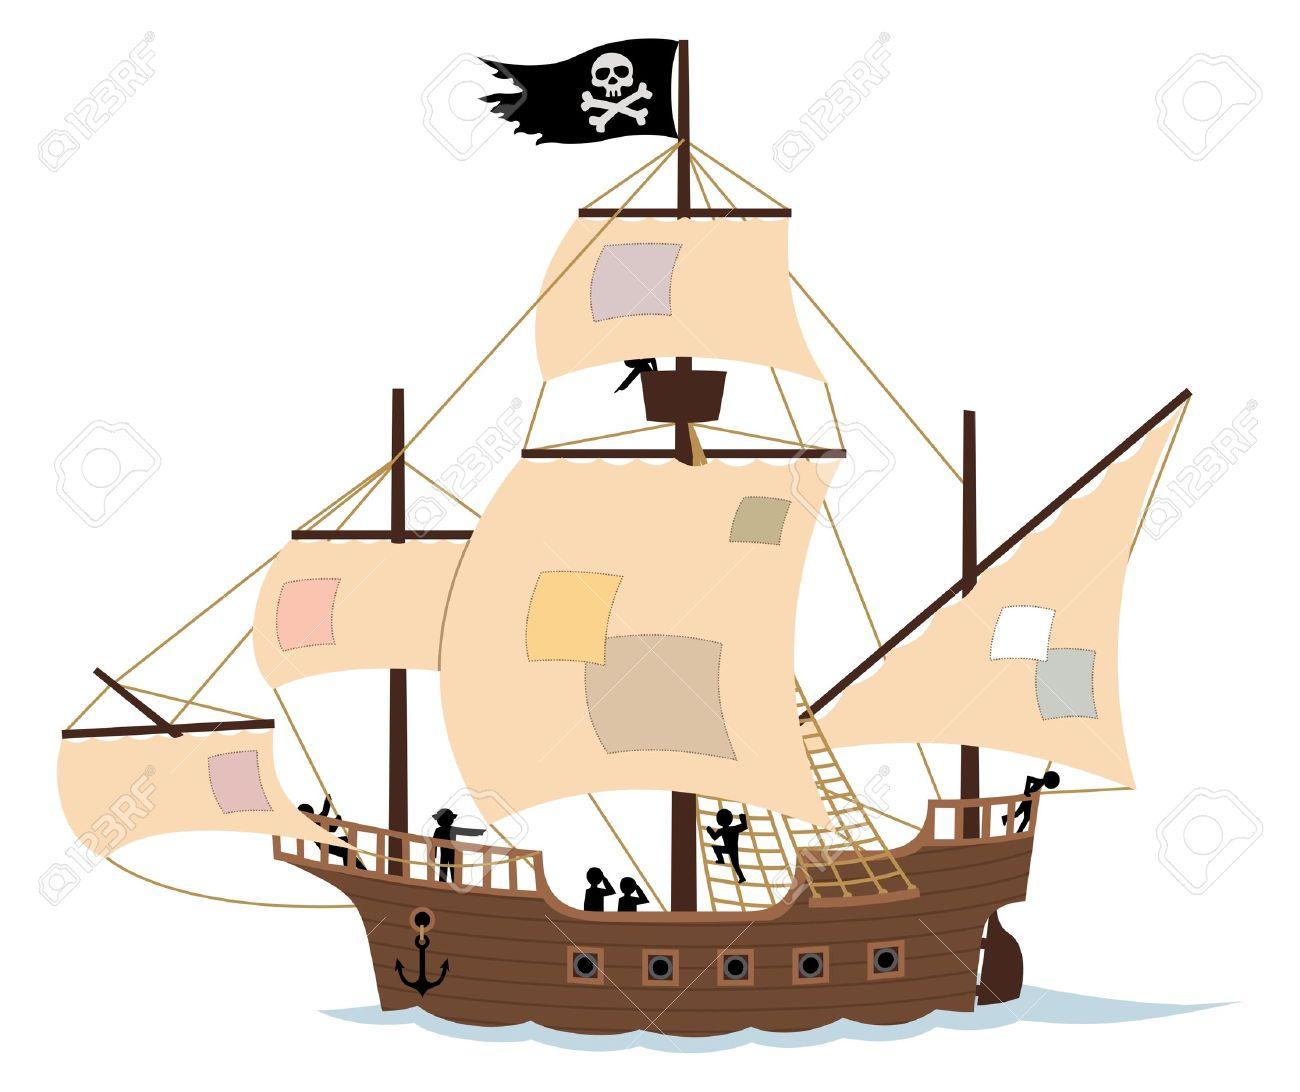 Un Barco Pirata, Aislado En Blanco. Retire Las Revisiones De Las ...